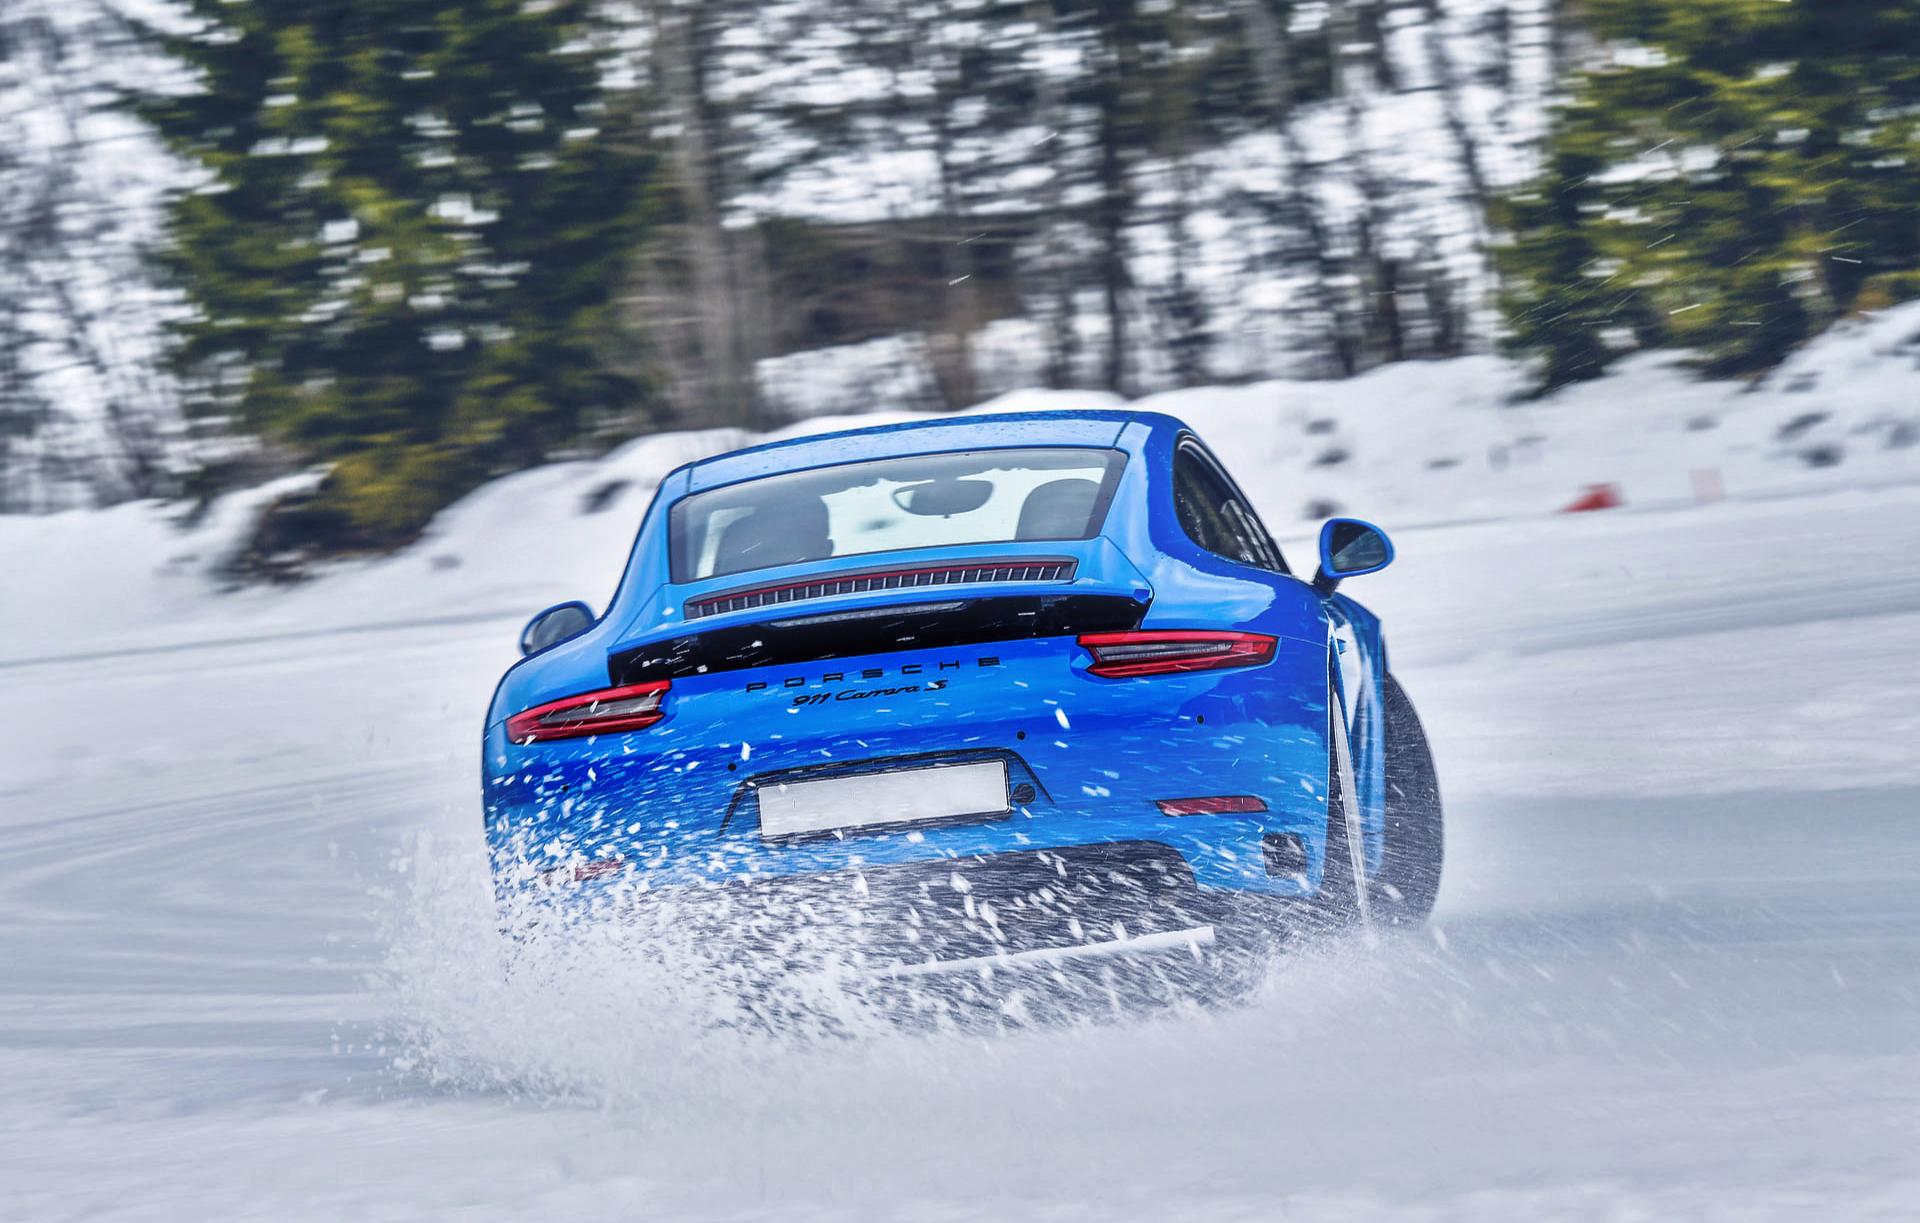 drift-kurs-arvidsjaur-car-sharing-variante-bg2